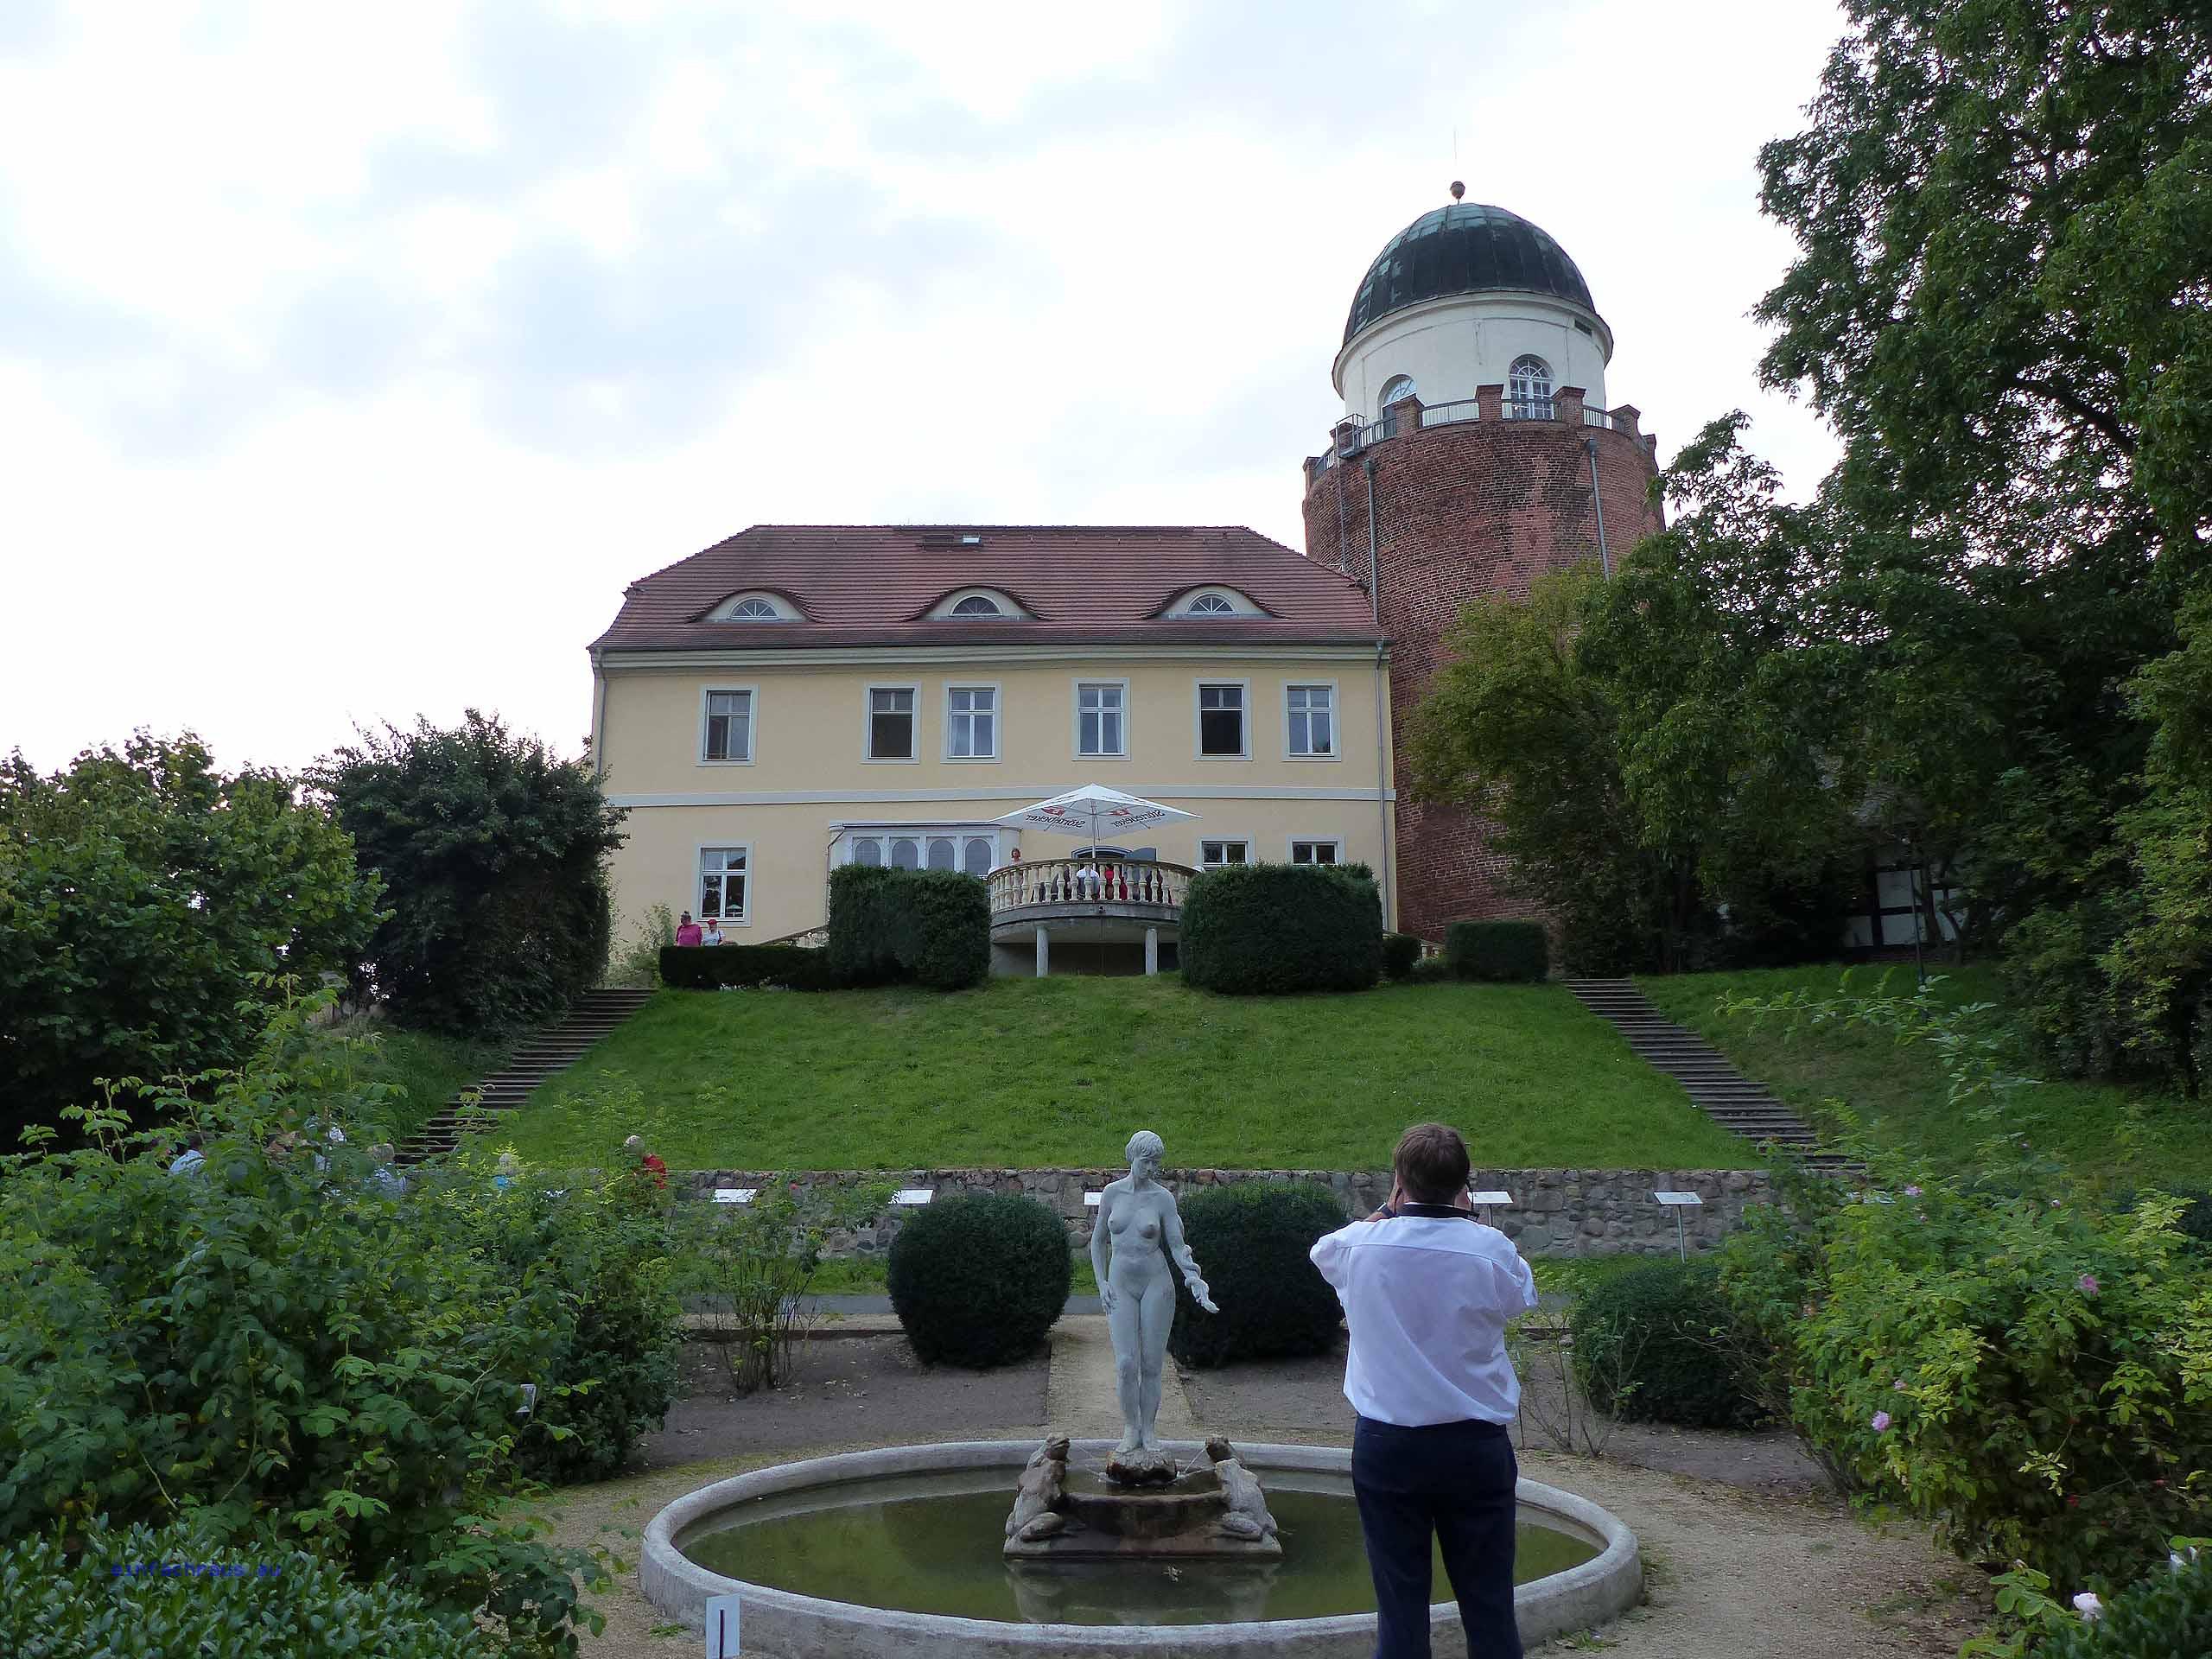 Der Burghügel der Burg Lenzen birgt die Geheimnisse slawischer Siedler, die sich in der Prignitz niedergelassen hatten